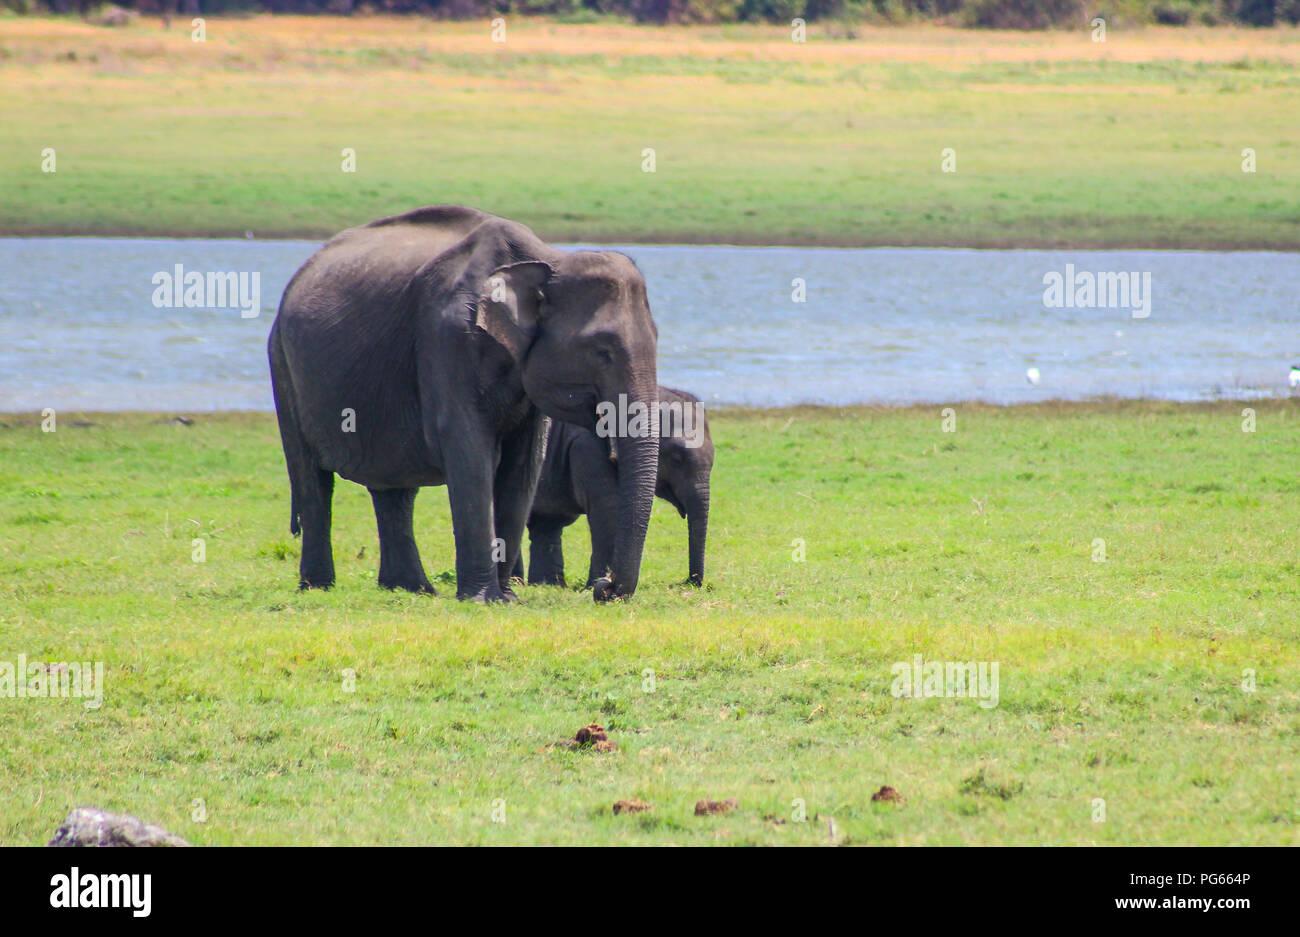 indian elephant, Sri Lanka - kaudulla national park Stock Photo